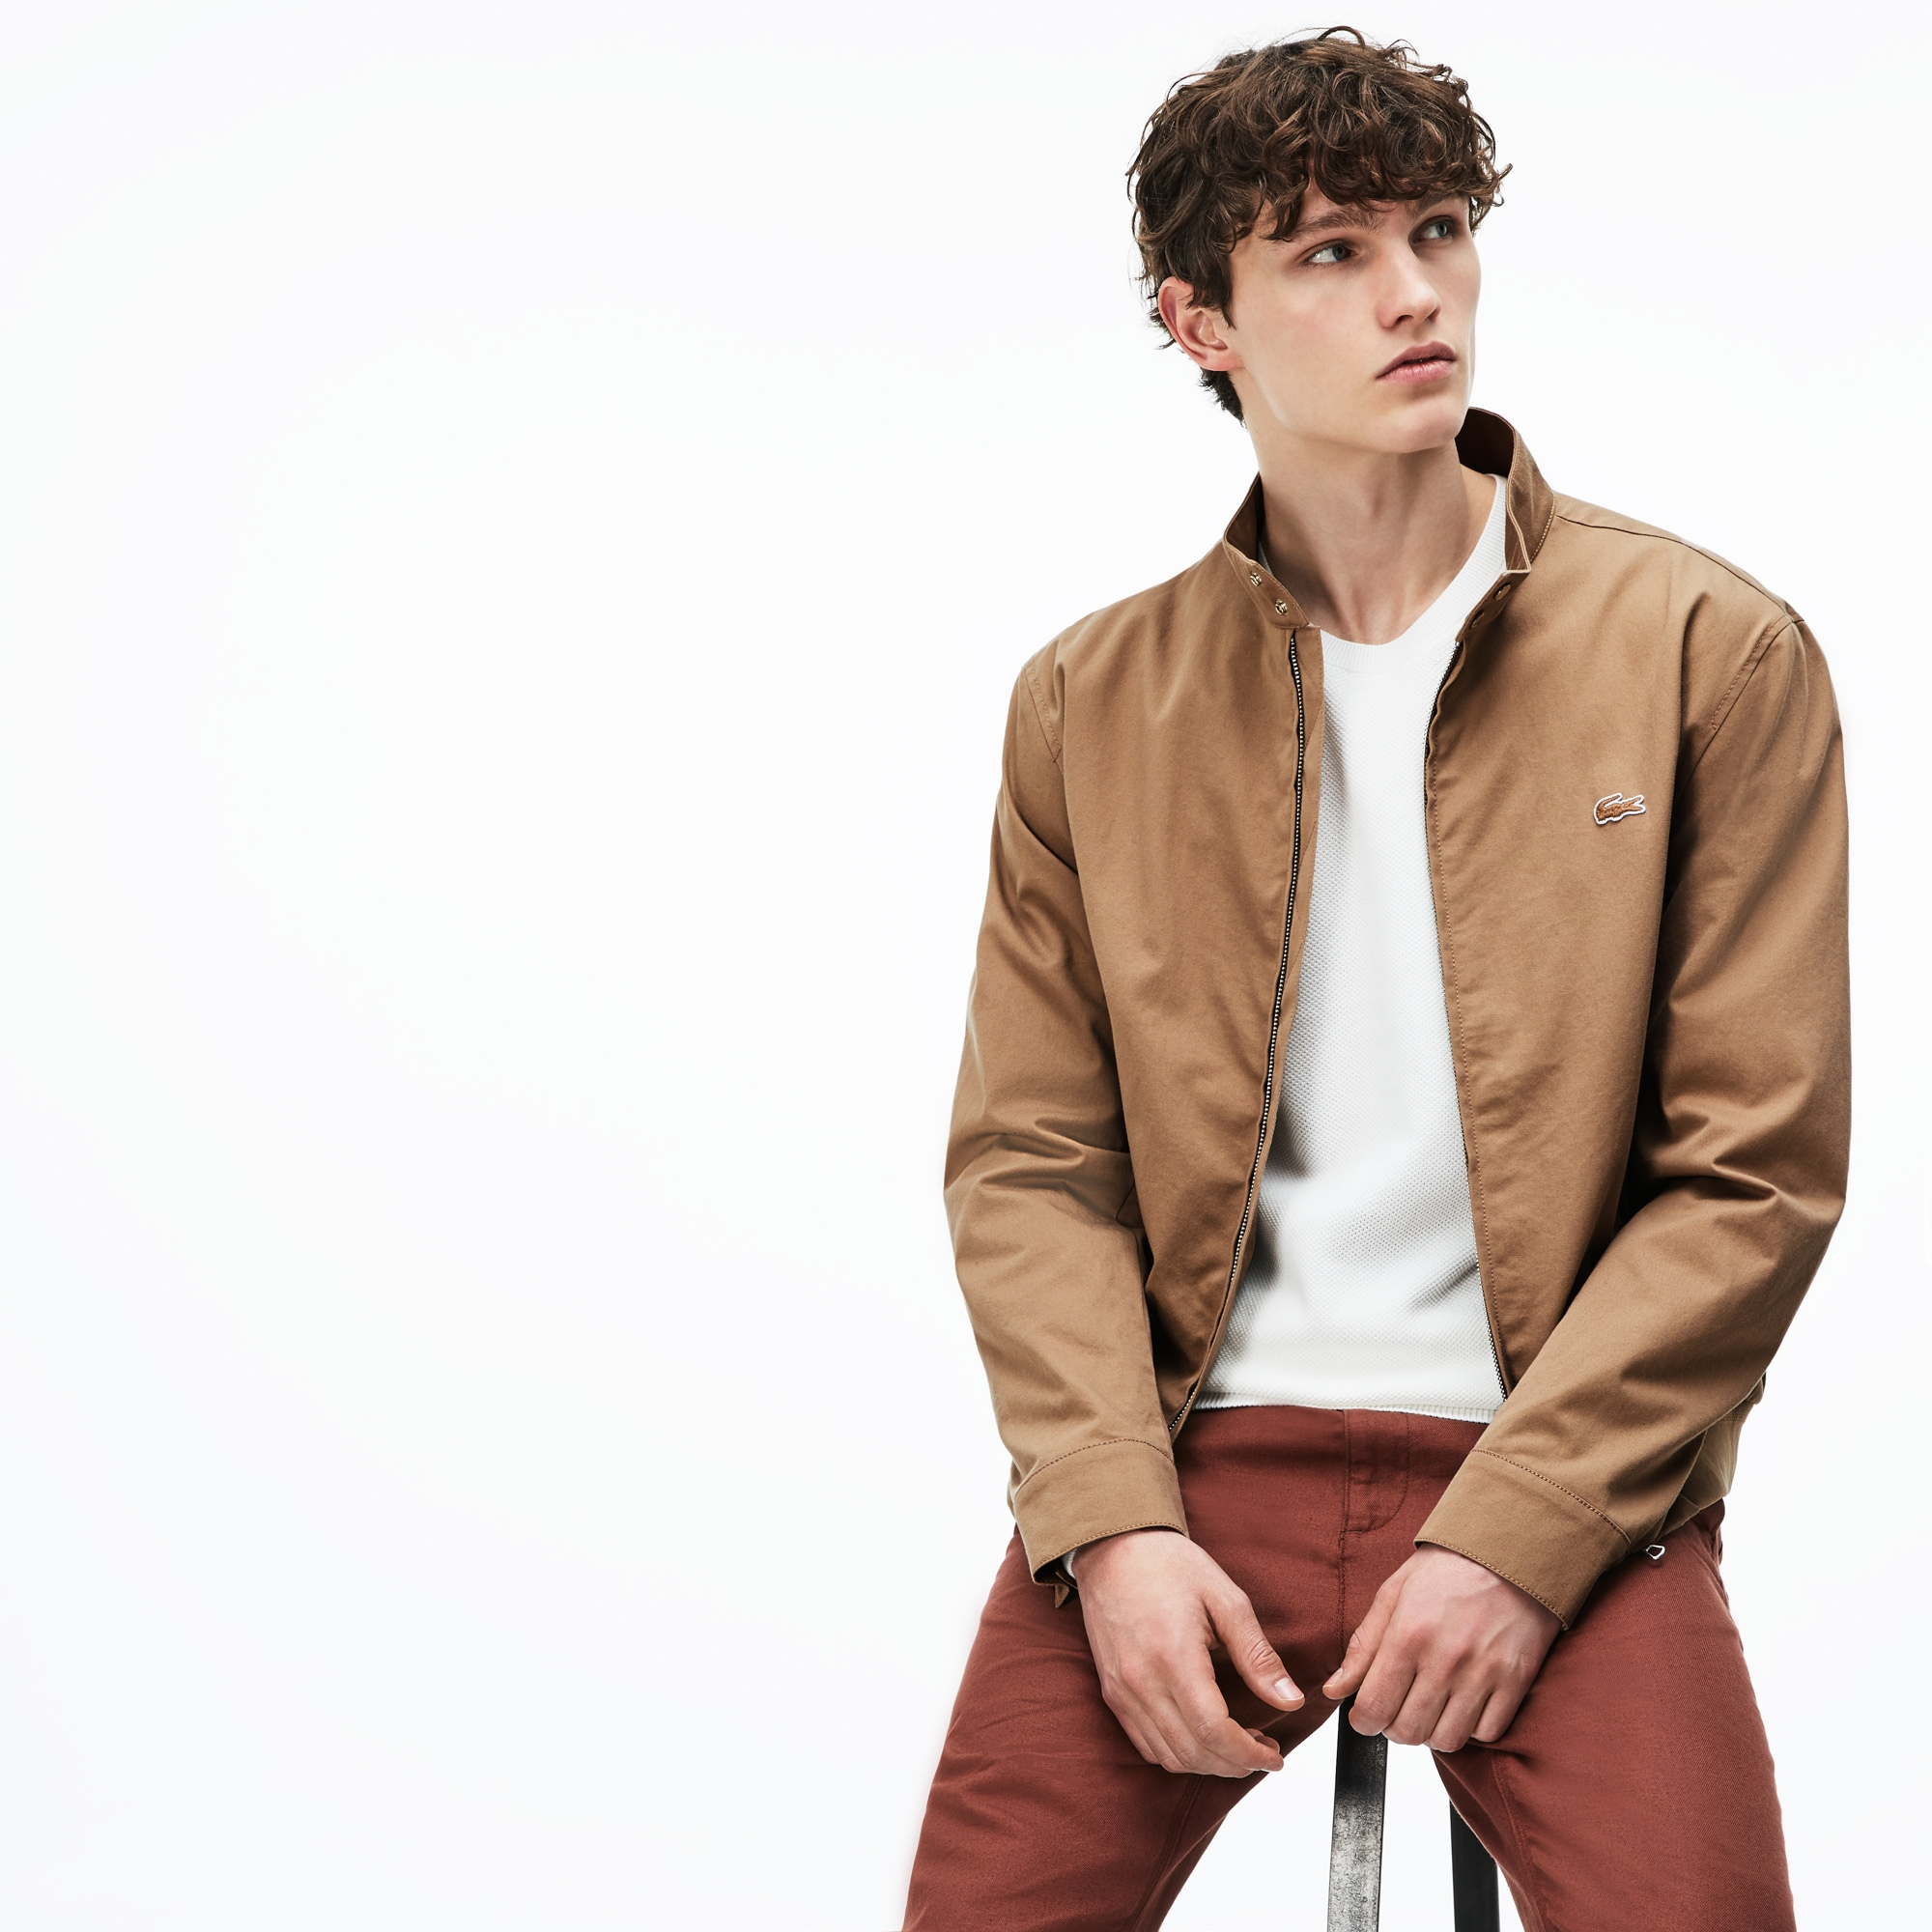 Herren-Kurzjacke aus Baumwoll-Twill mit Reißverschluss